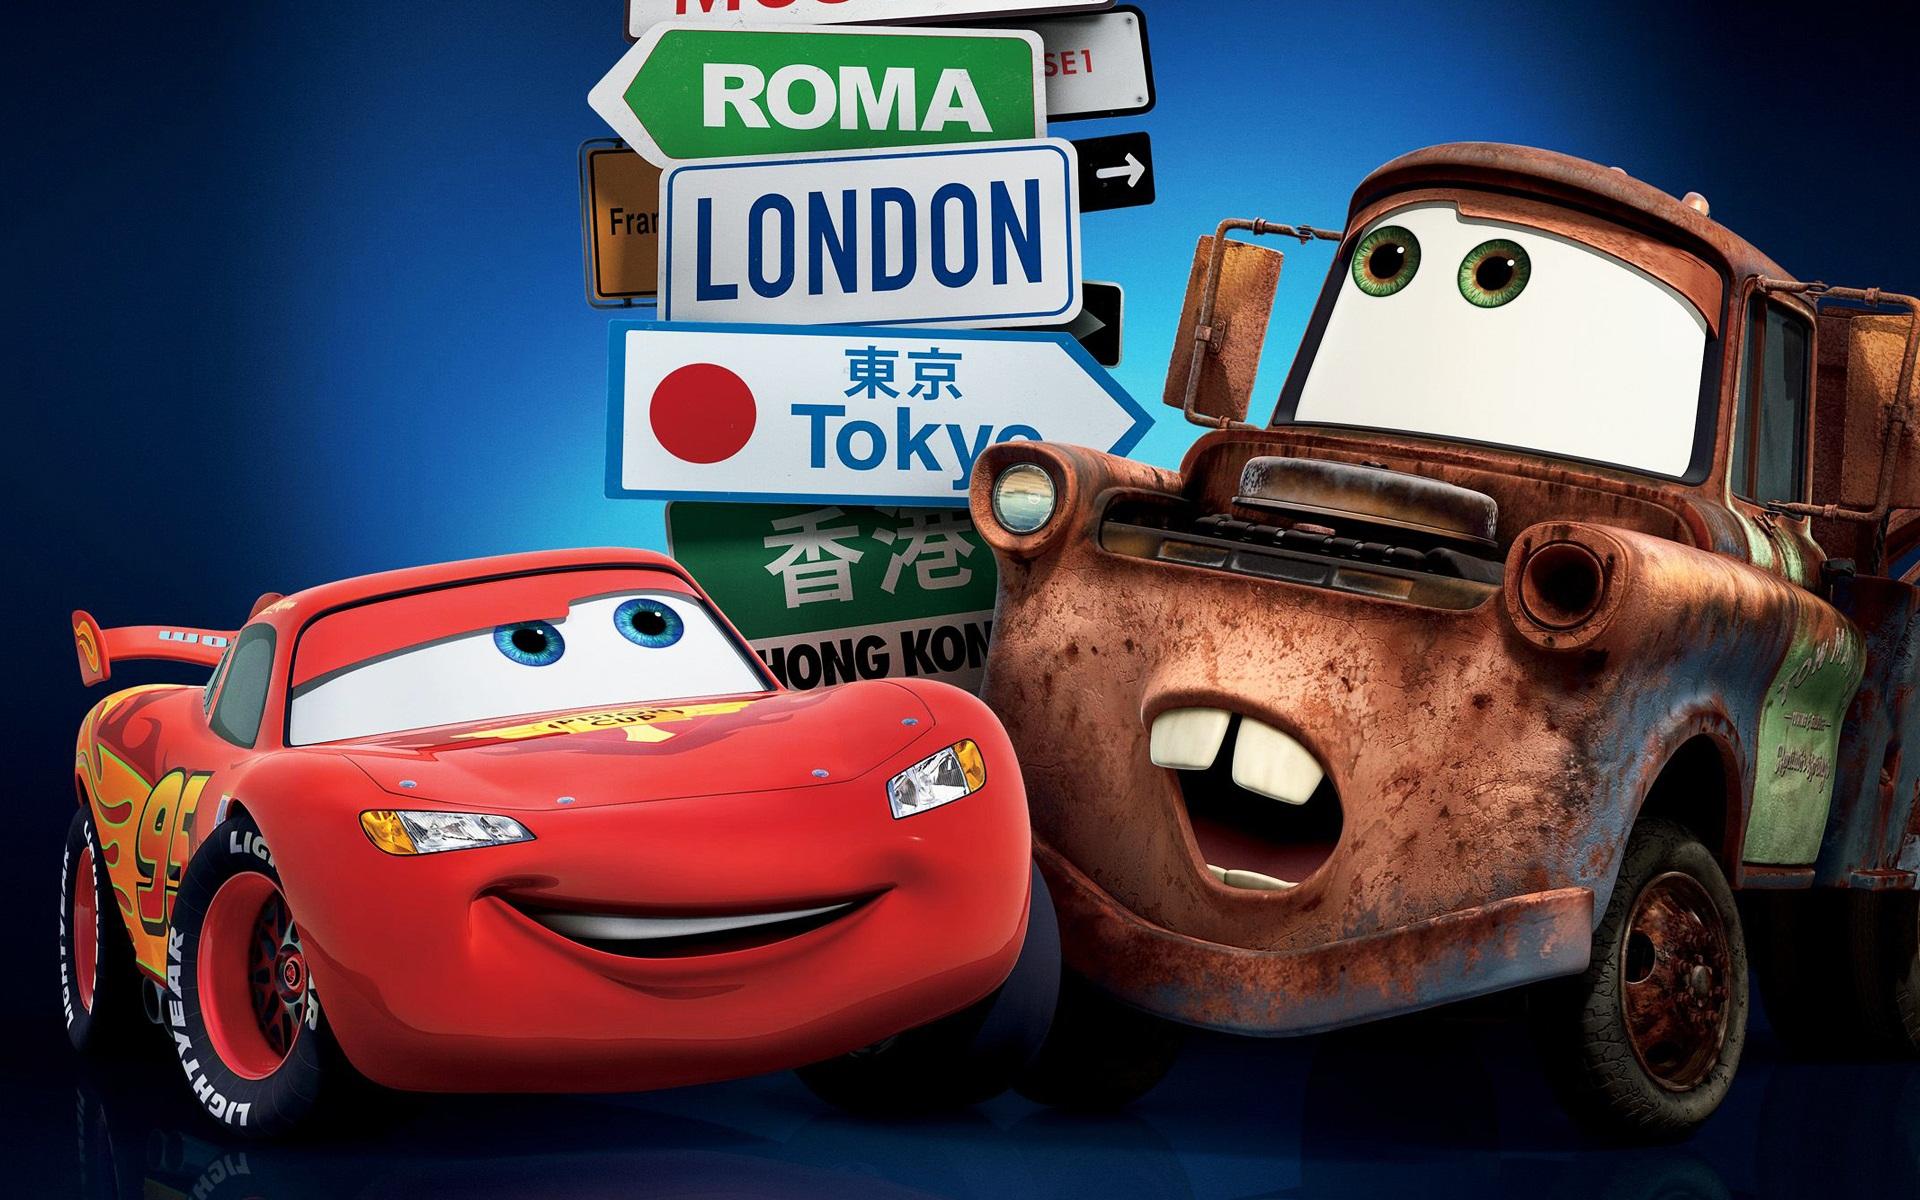 Free Download Cars 2 Disney Pixar Cars 2 Wallpaper 34551618